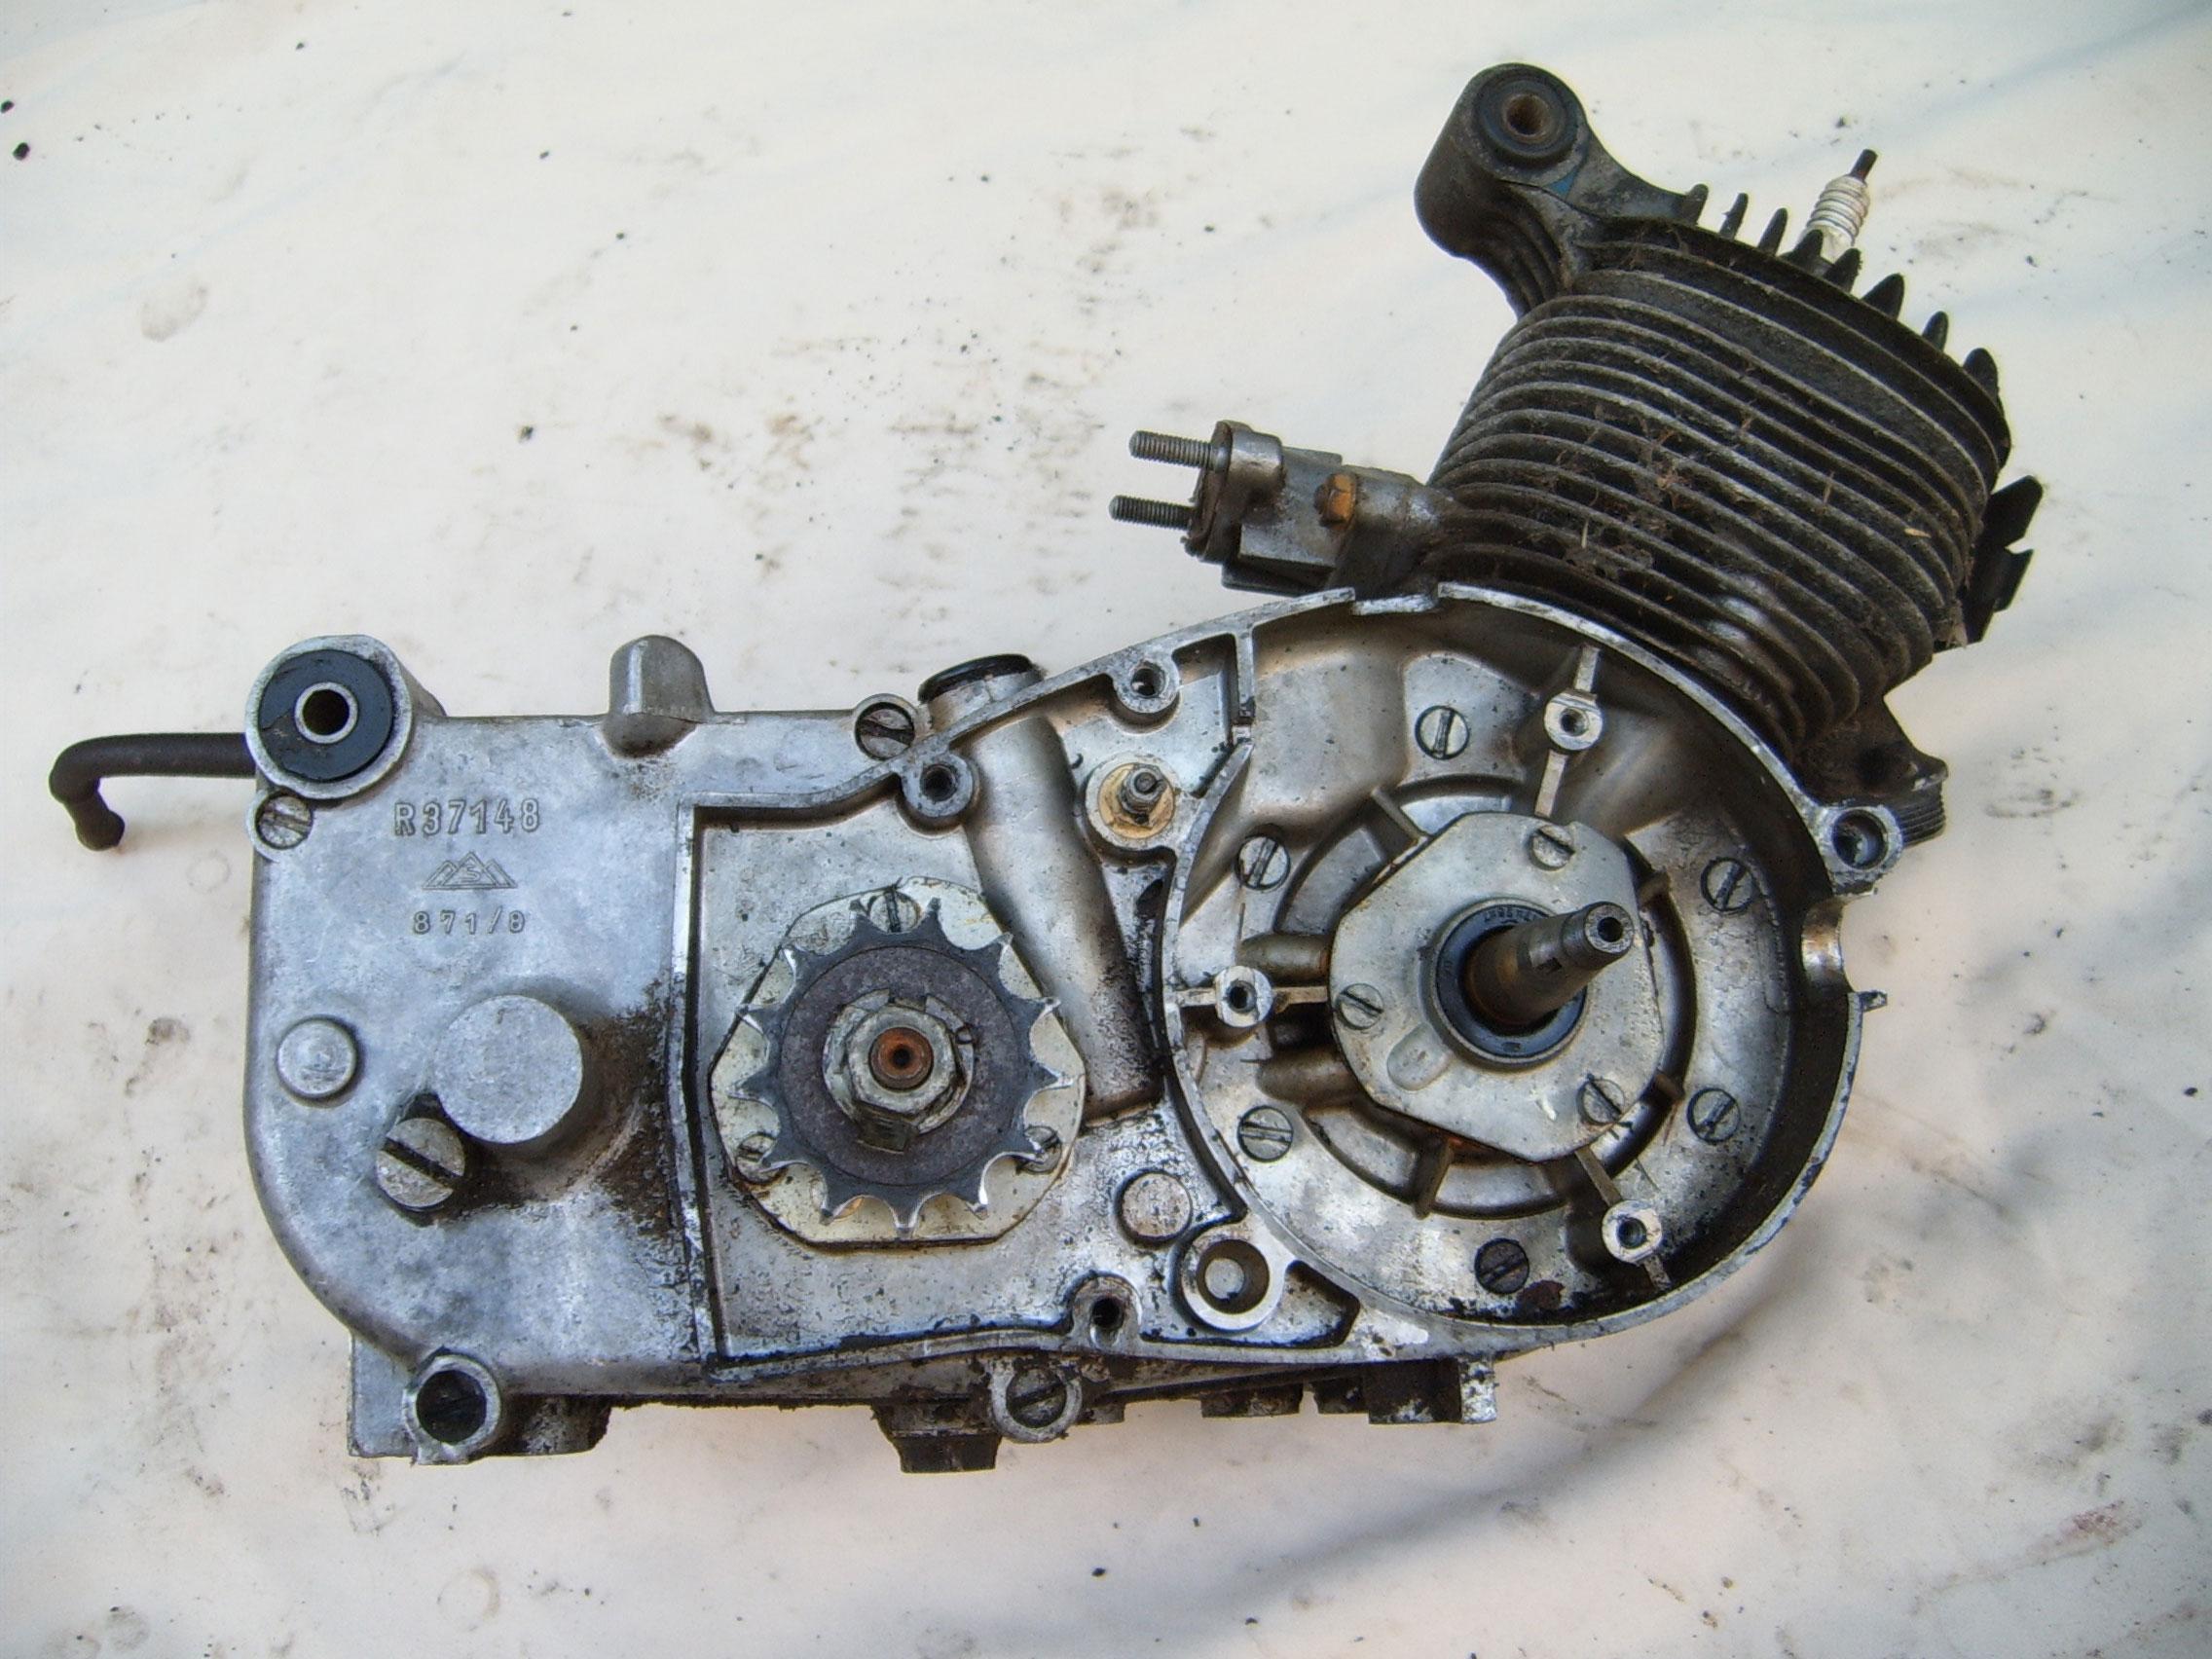 Hycomat Motor Duo Simson Schwalbe KR 51, mz-es.de Ersatzteileshop